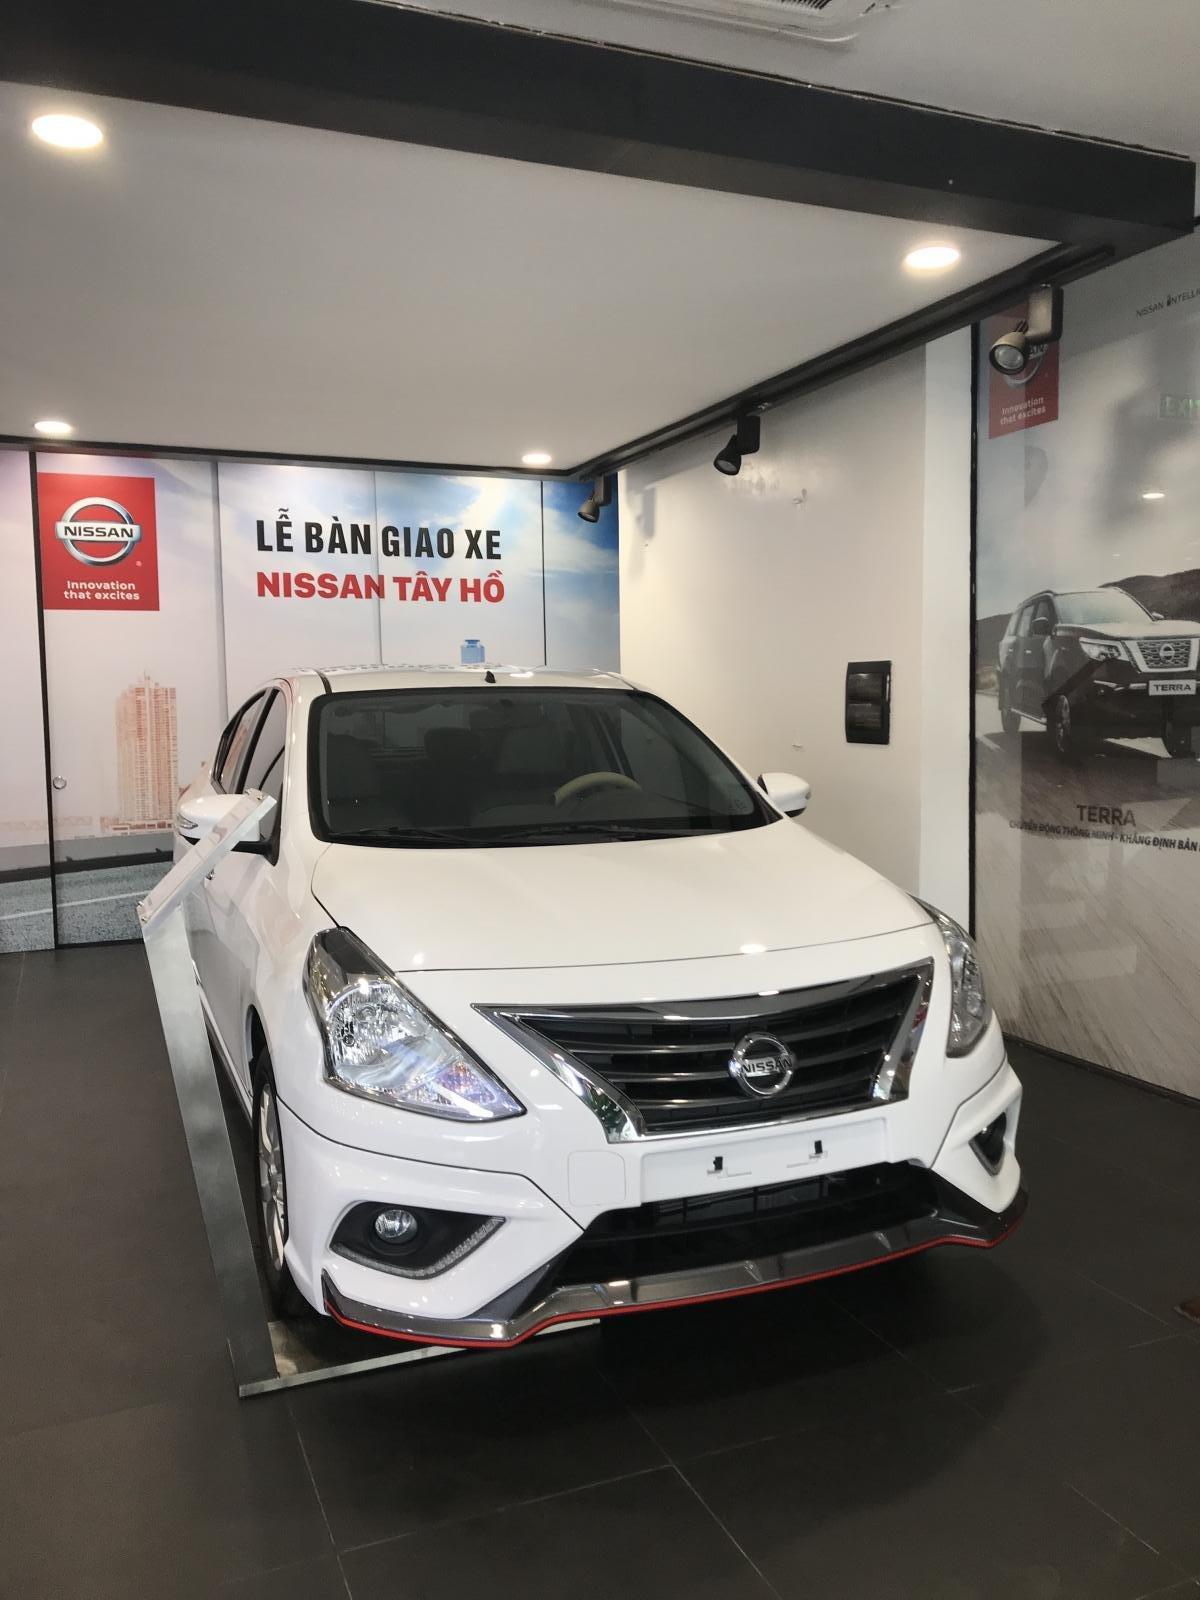 Cần bán xe Nissan Sunny Xl,XT,XV năm sản xuất 2019, màu trắng, 405 triệu-0